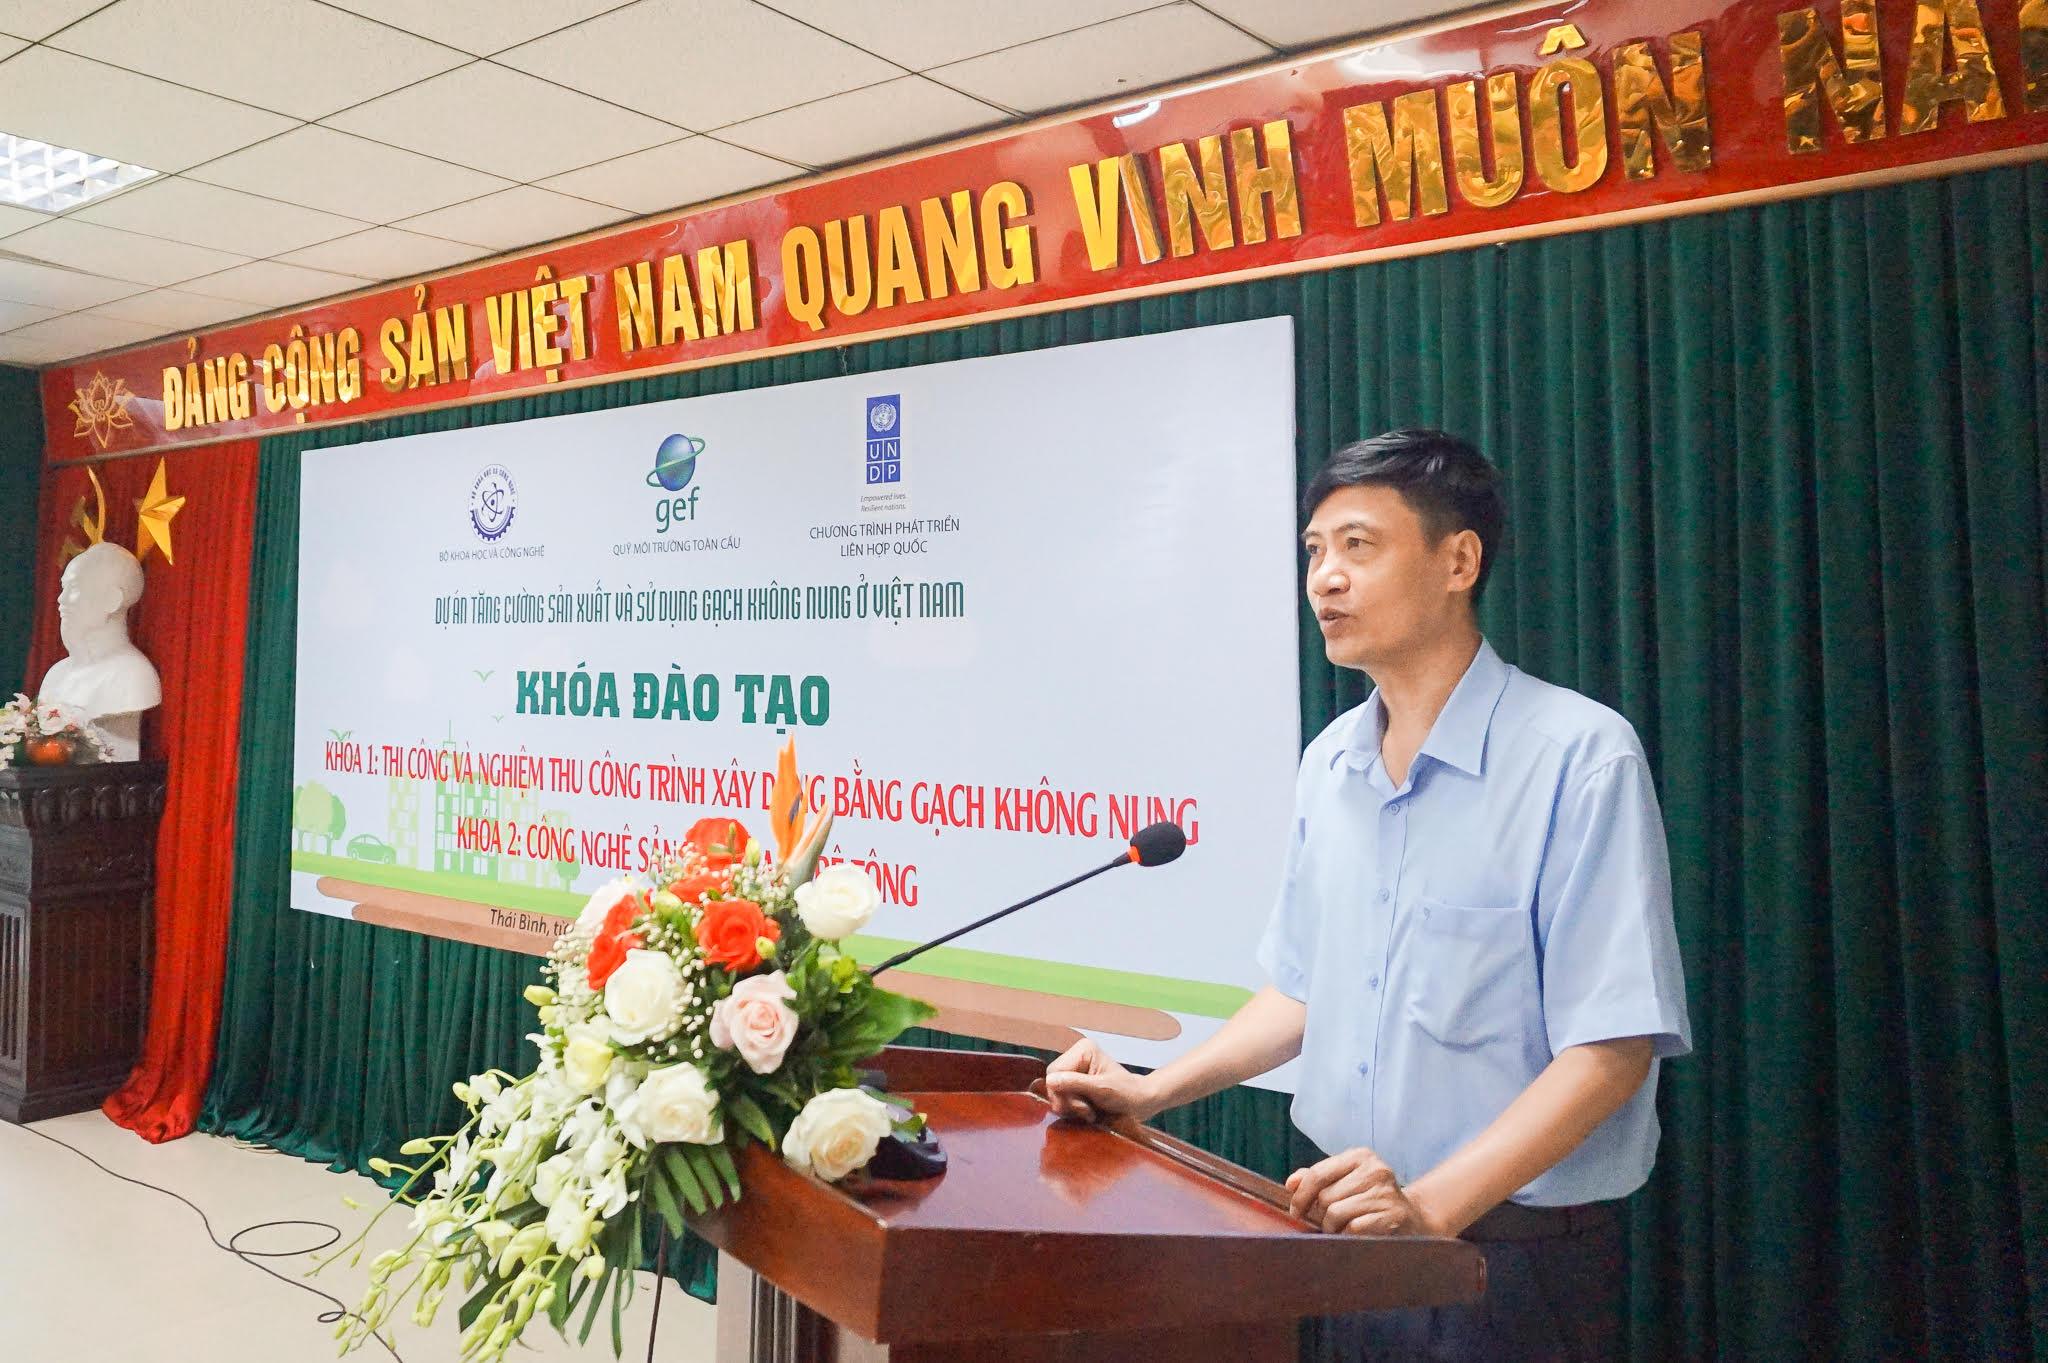 Đào tạo về sản xuất và thi công & nghiệm thu GKN tại Thái Bình ngày 20-21.09.2019